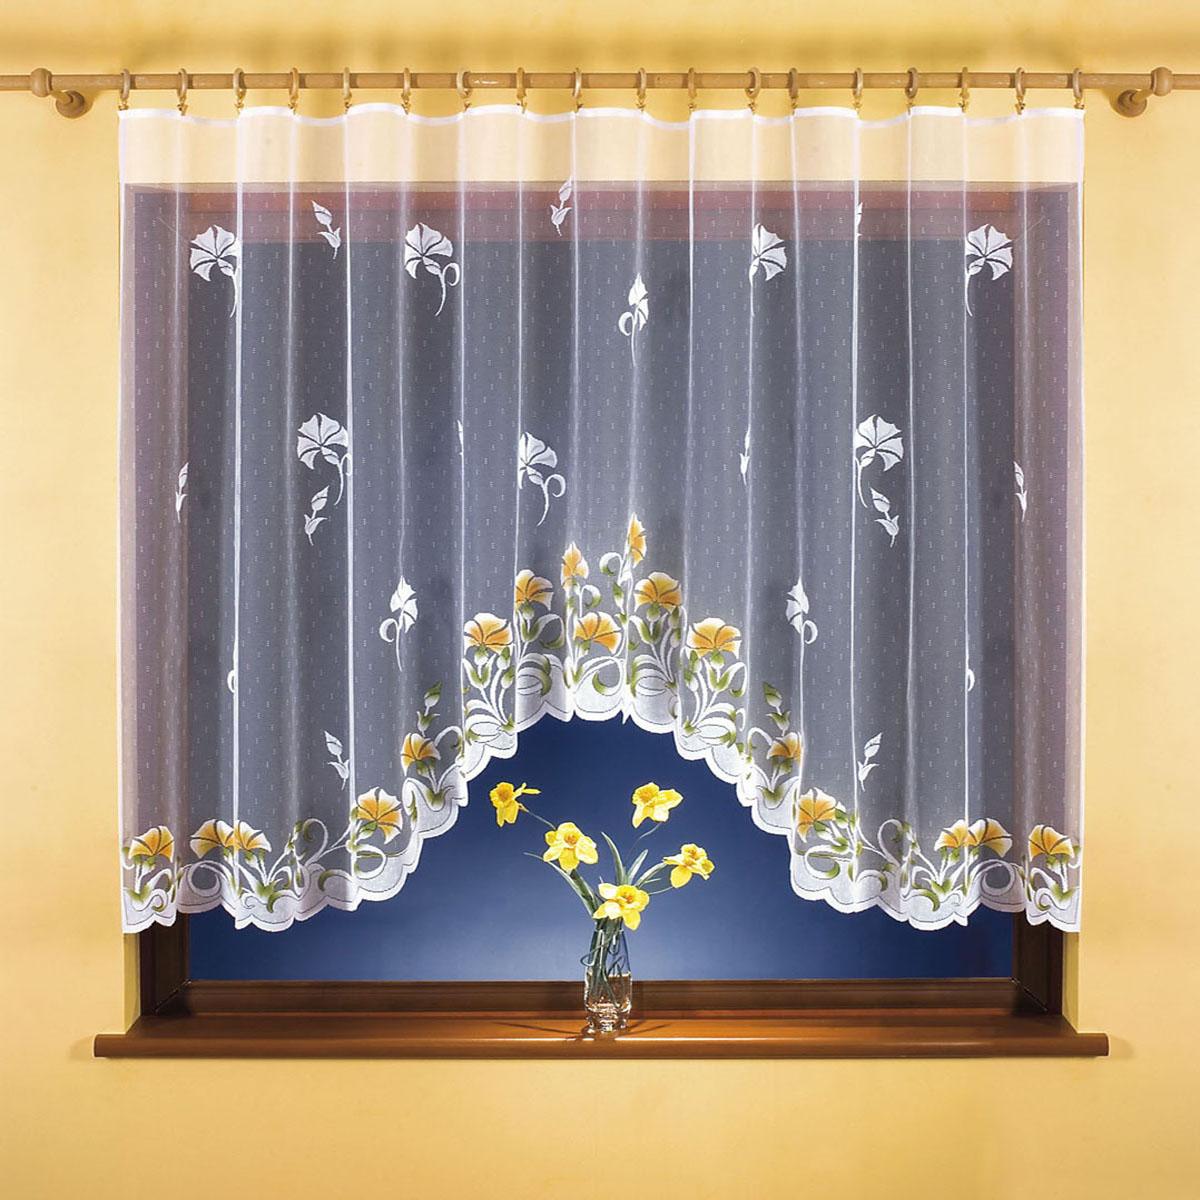 Гардина Wisan, цвет: белый, ширина 300 см, высота 150 см. 98149814вид крепления - под зажимы для штор Размеры: ширина 300*высота 150